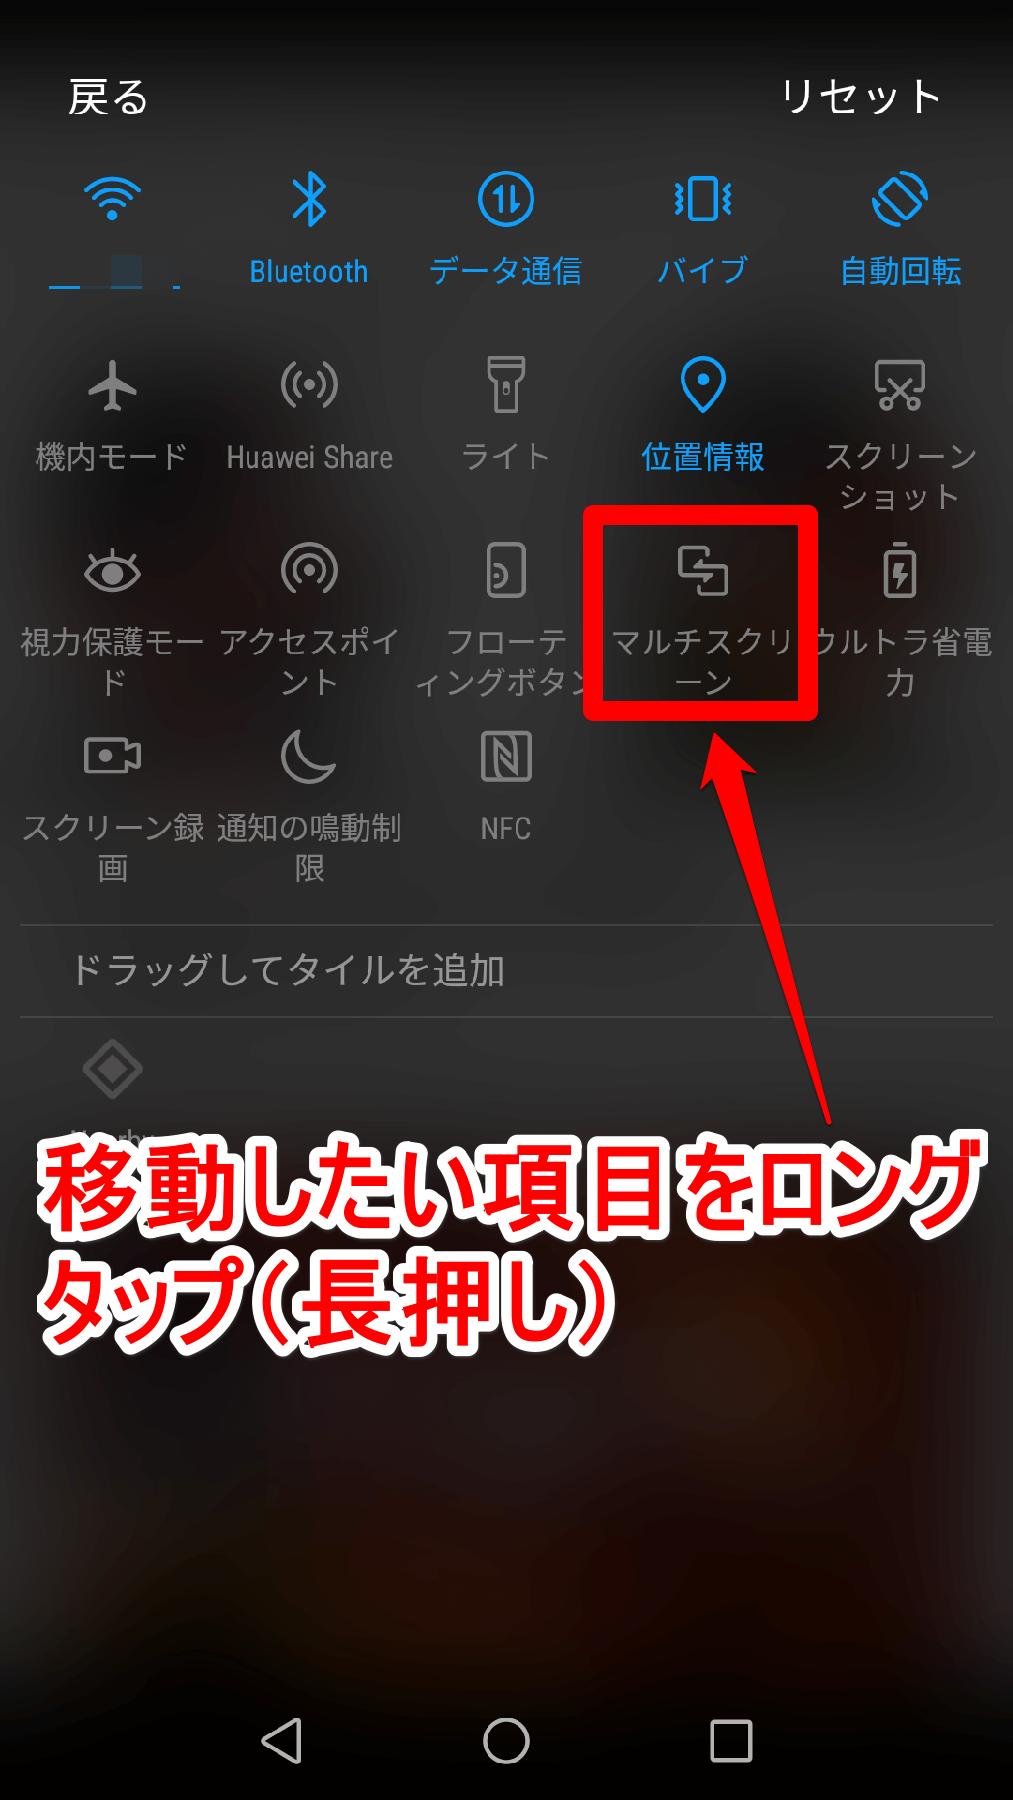 アンドロイドスマートフォンのクイック設定パネルをカスタマイズする画面